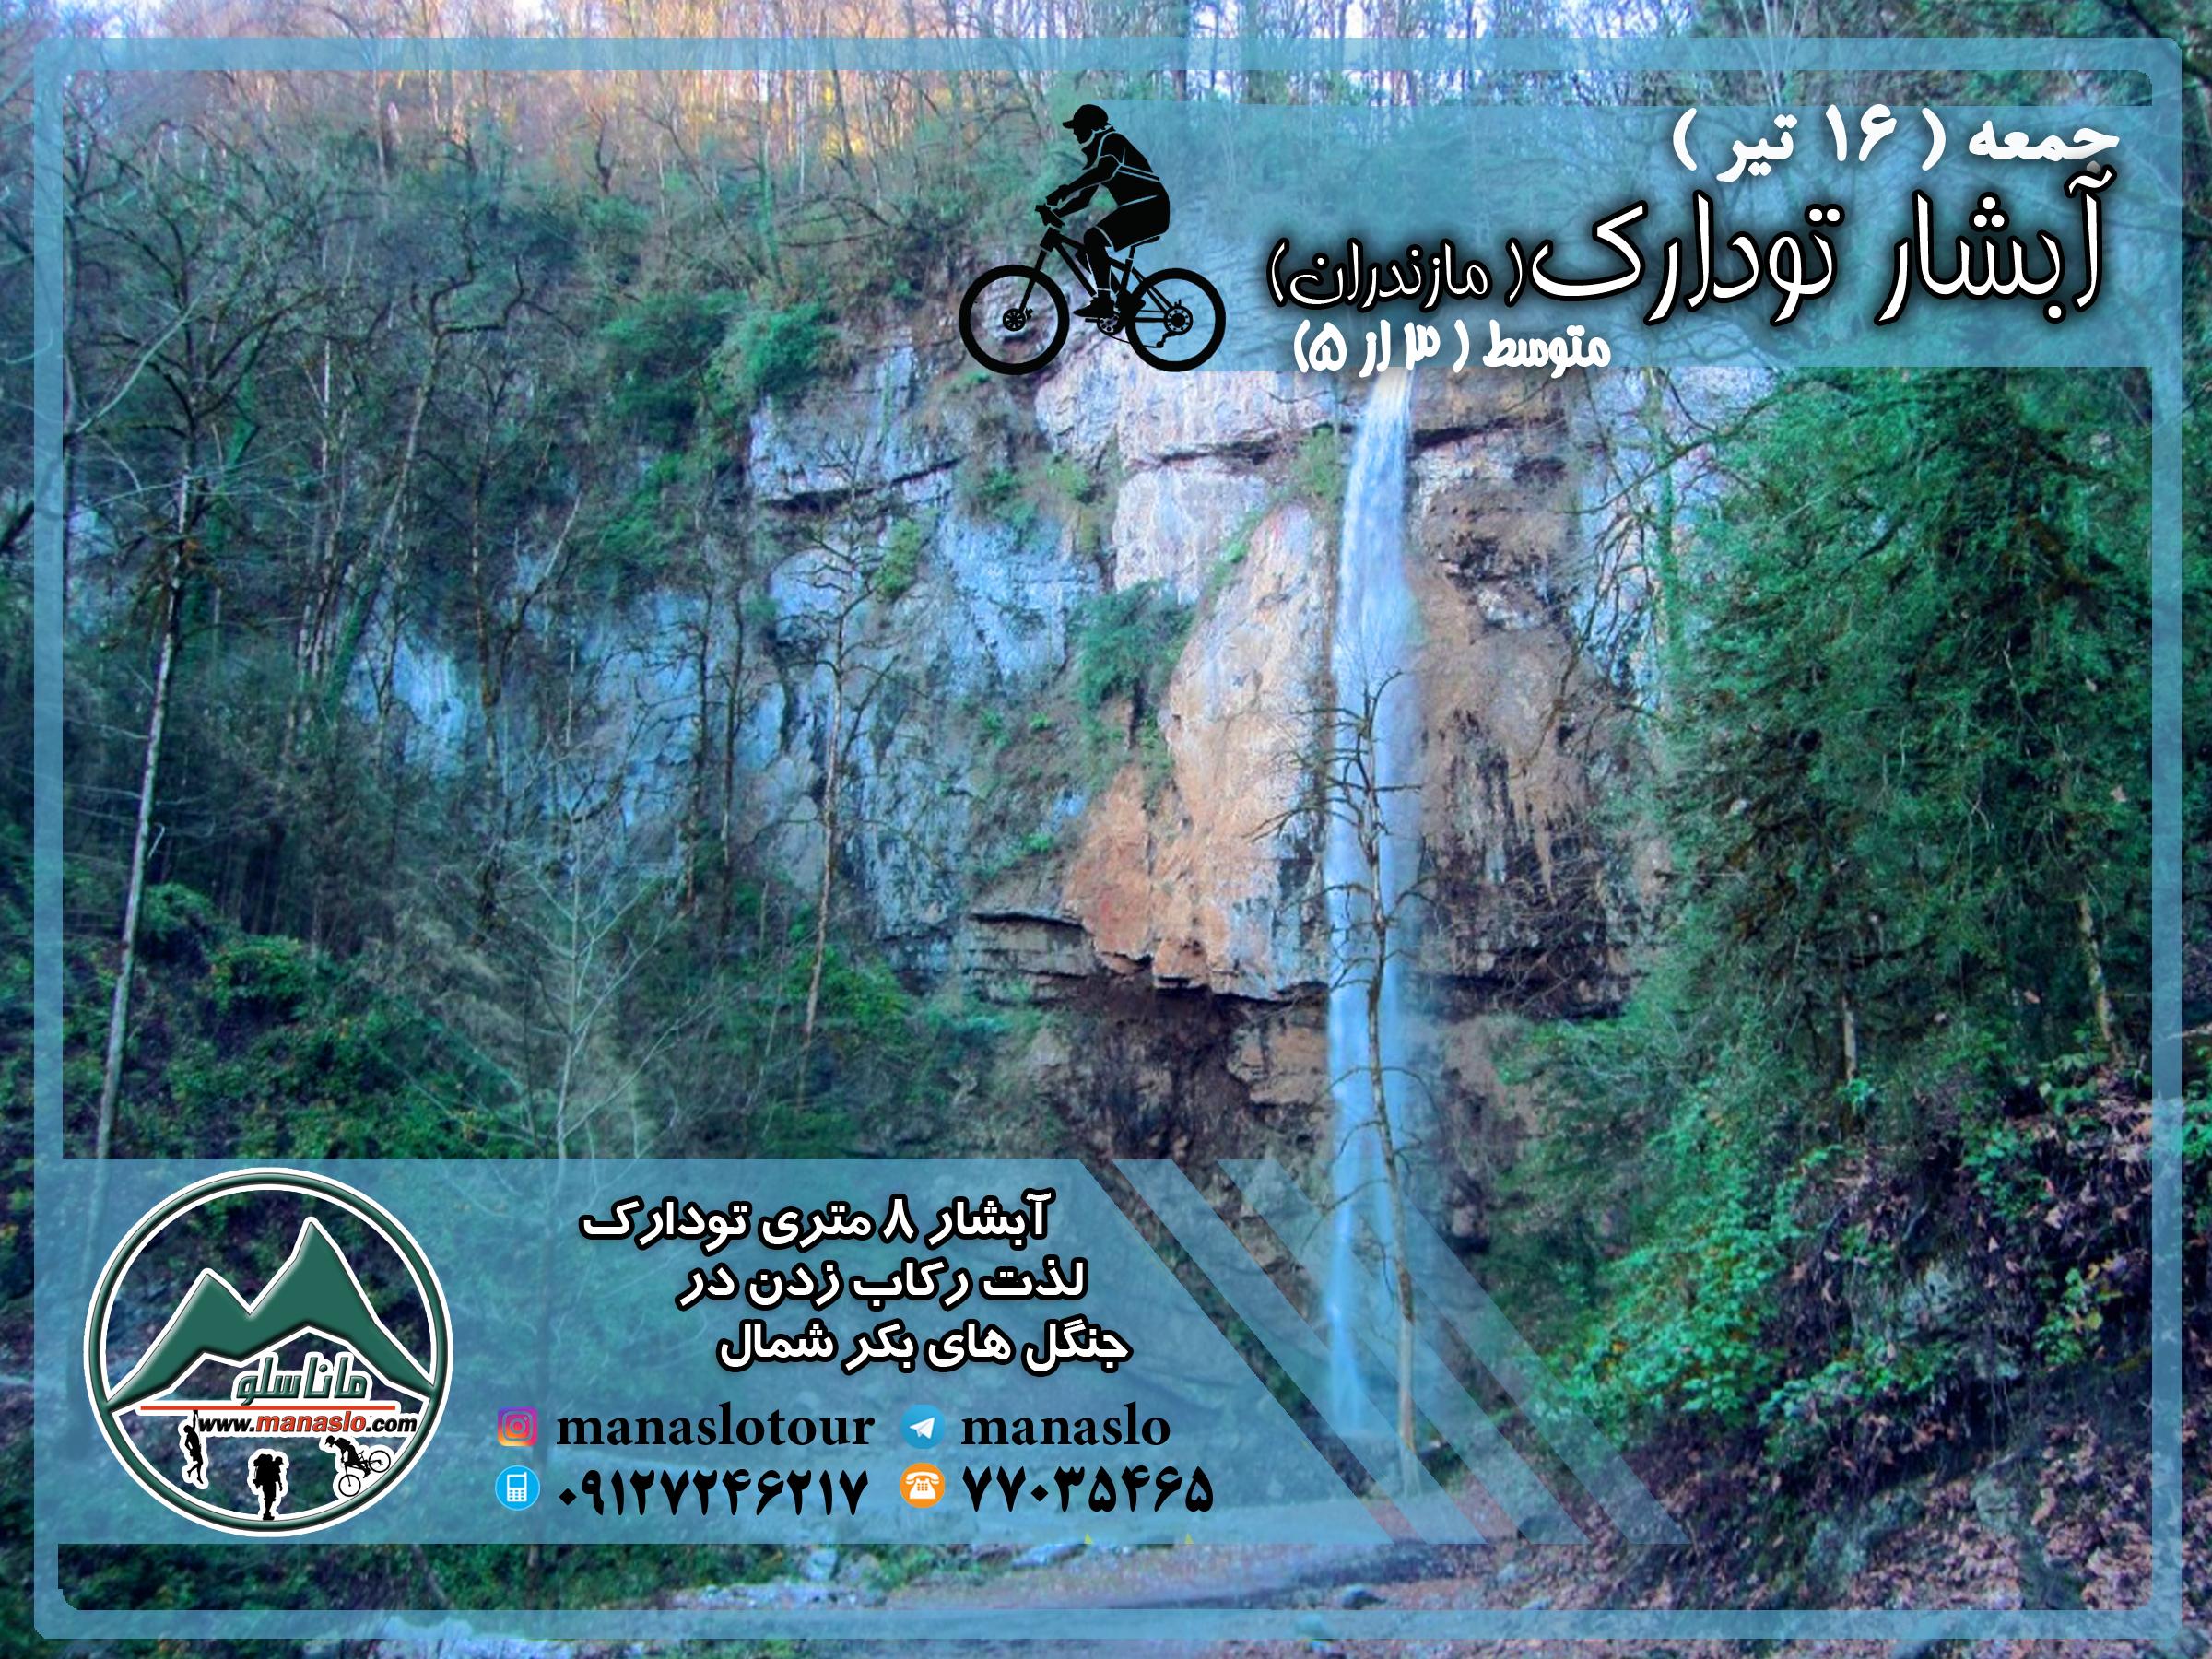 تور دوچرخه سواری آبشار تودارک